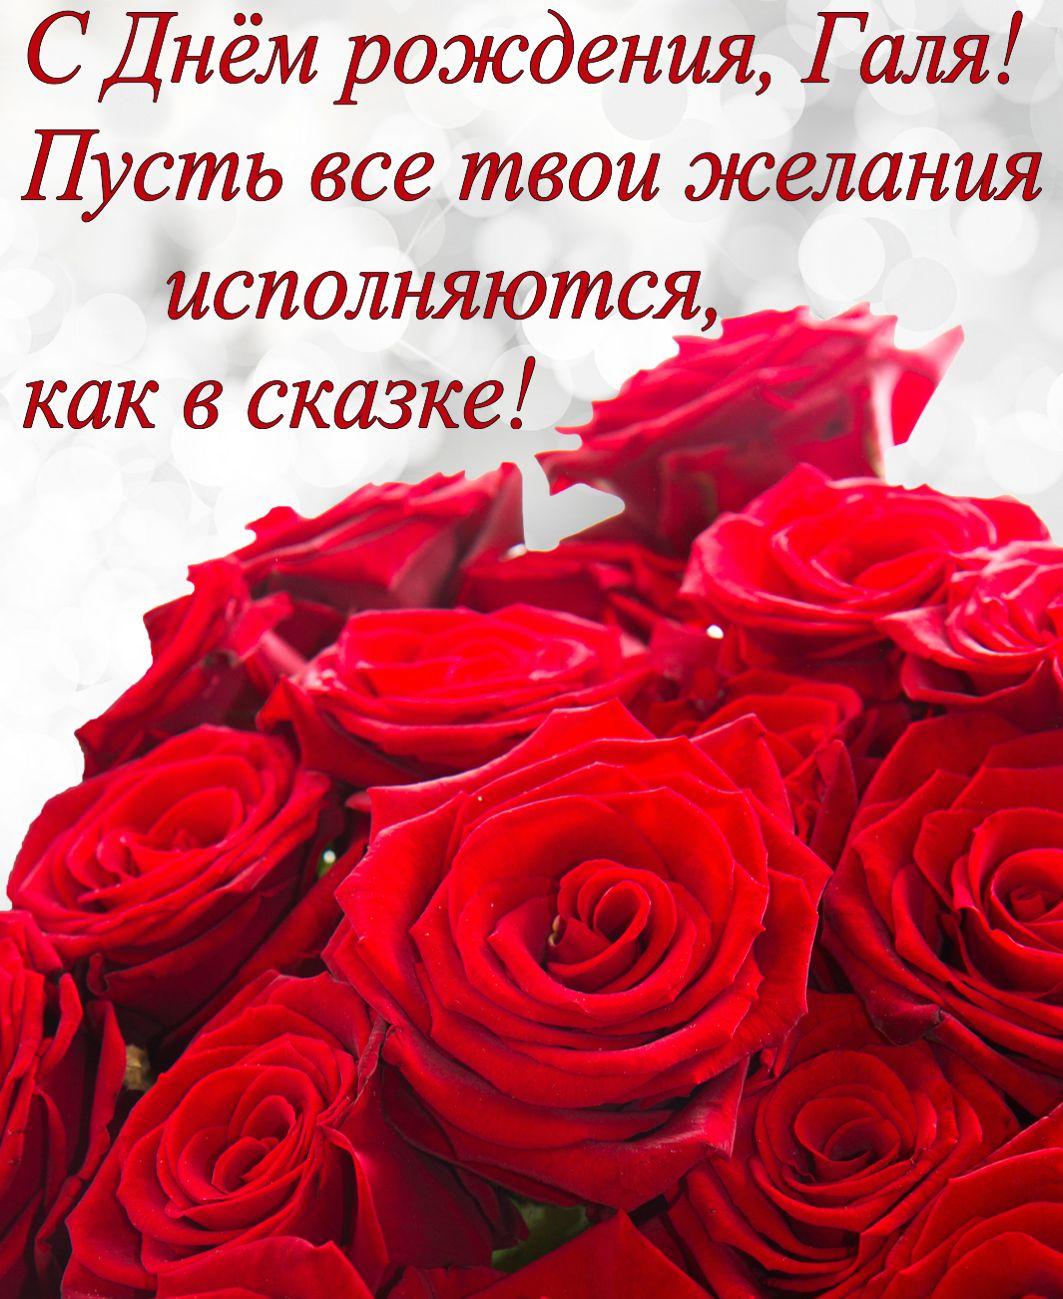 С днем рождения галя стихи красивые открытки, надписью интим поздравления